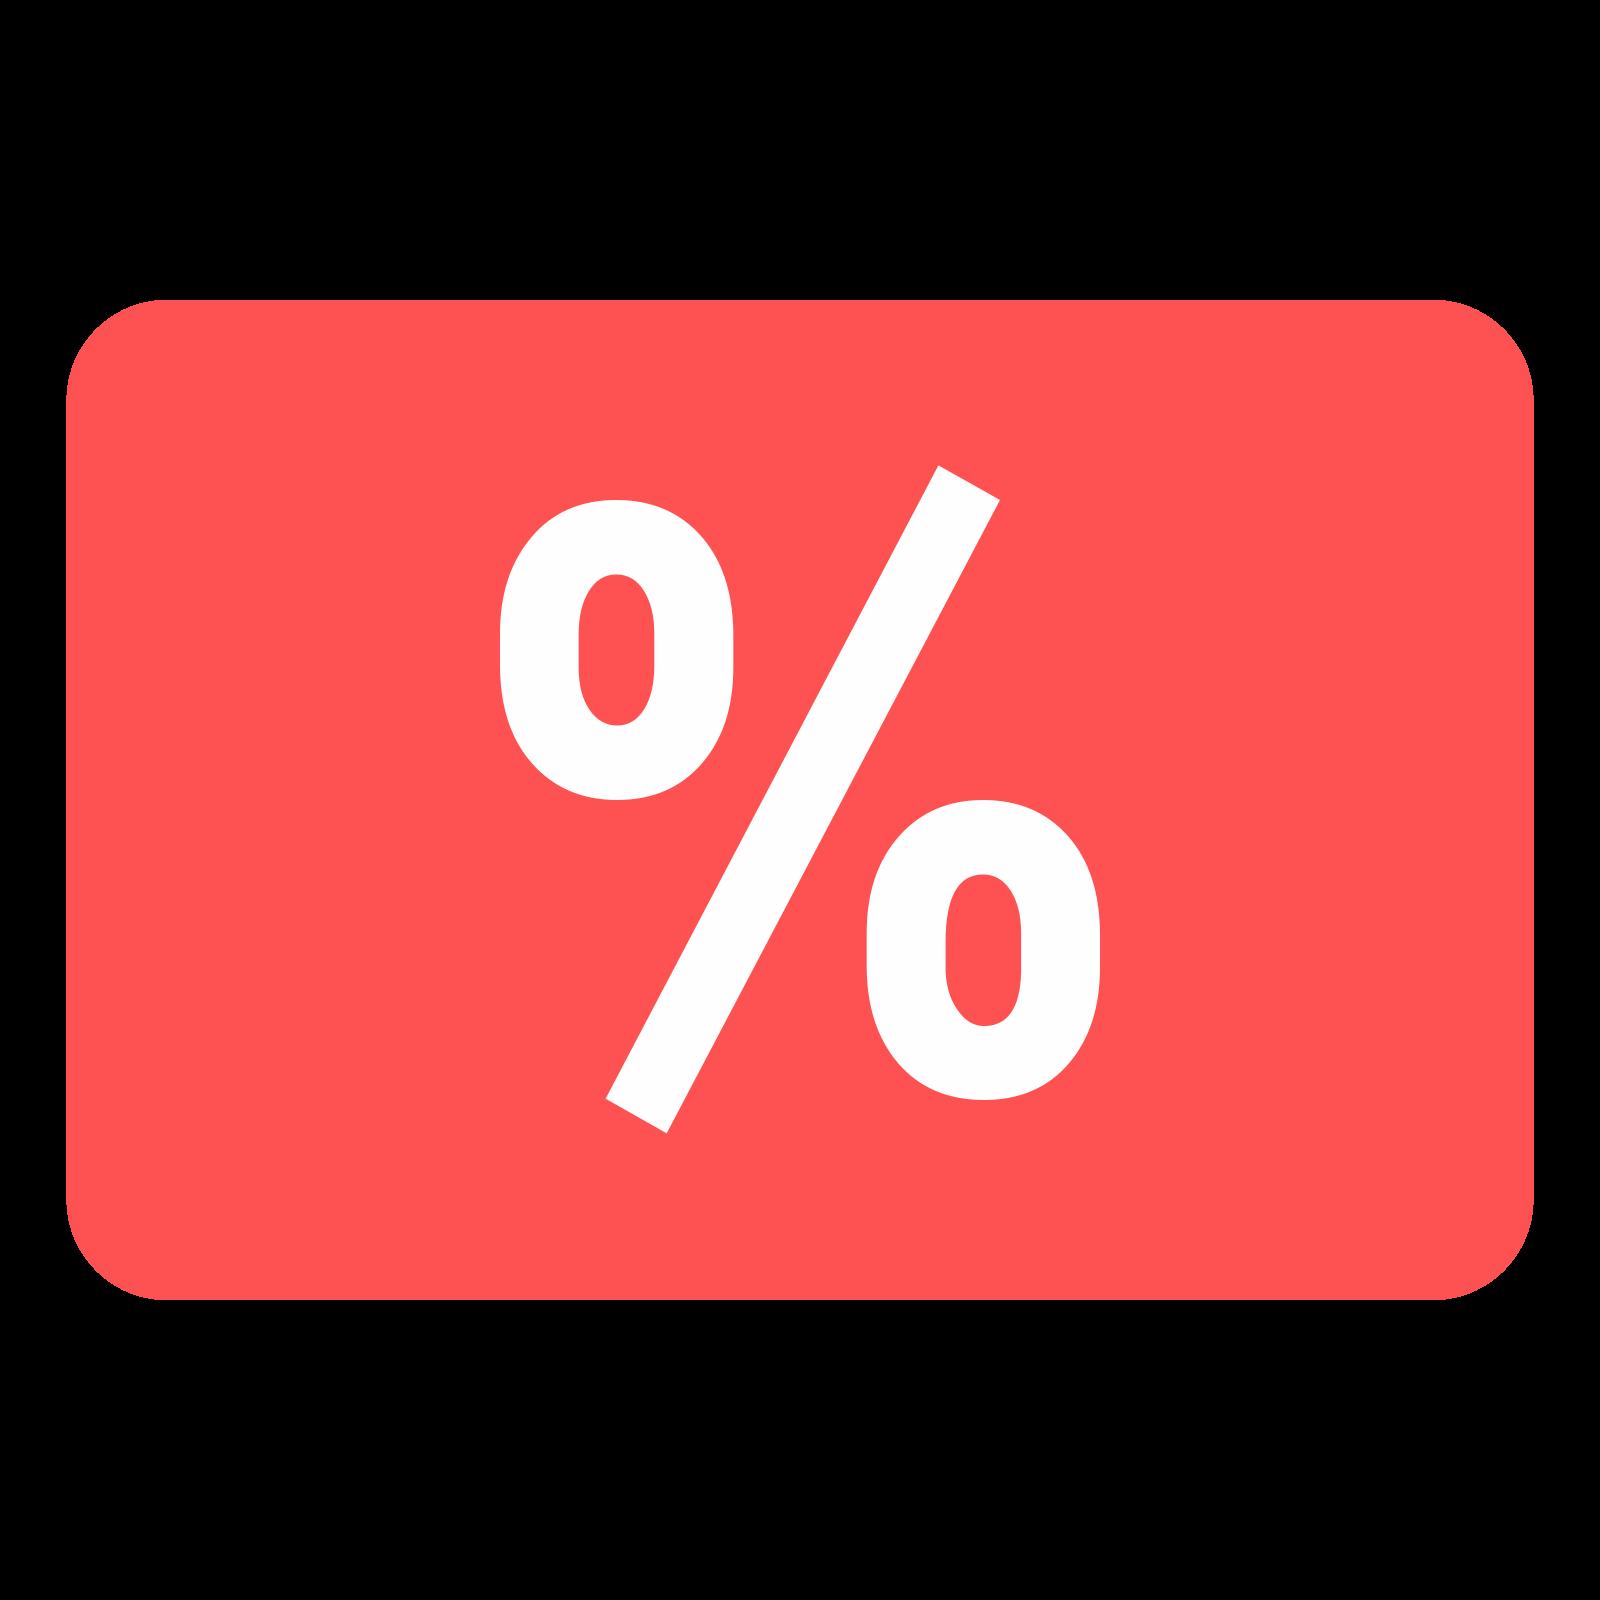 Tasa de descuento - Es el descuento que el inversionista de la nota convertible puede recibir con respecto a la nueva valuación a la hora de convertir su nota.